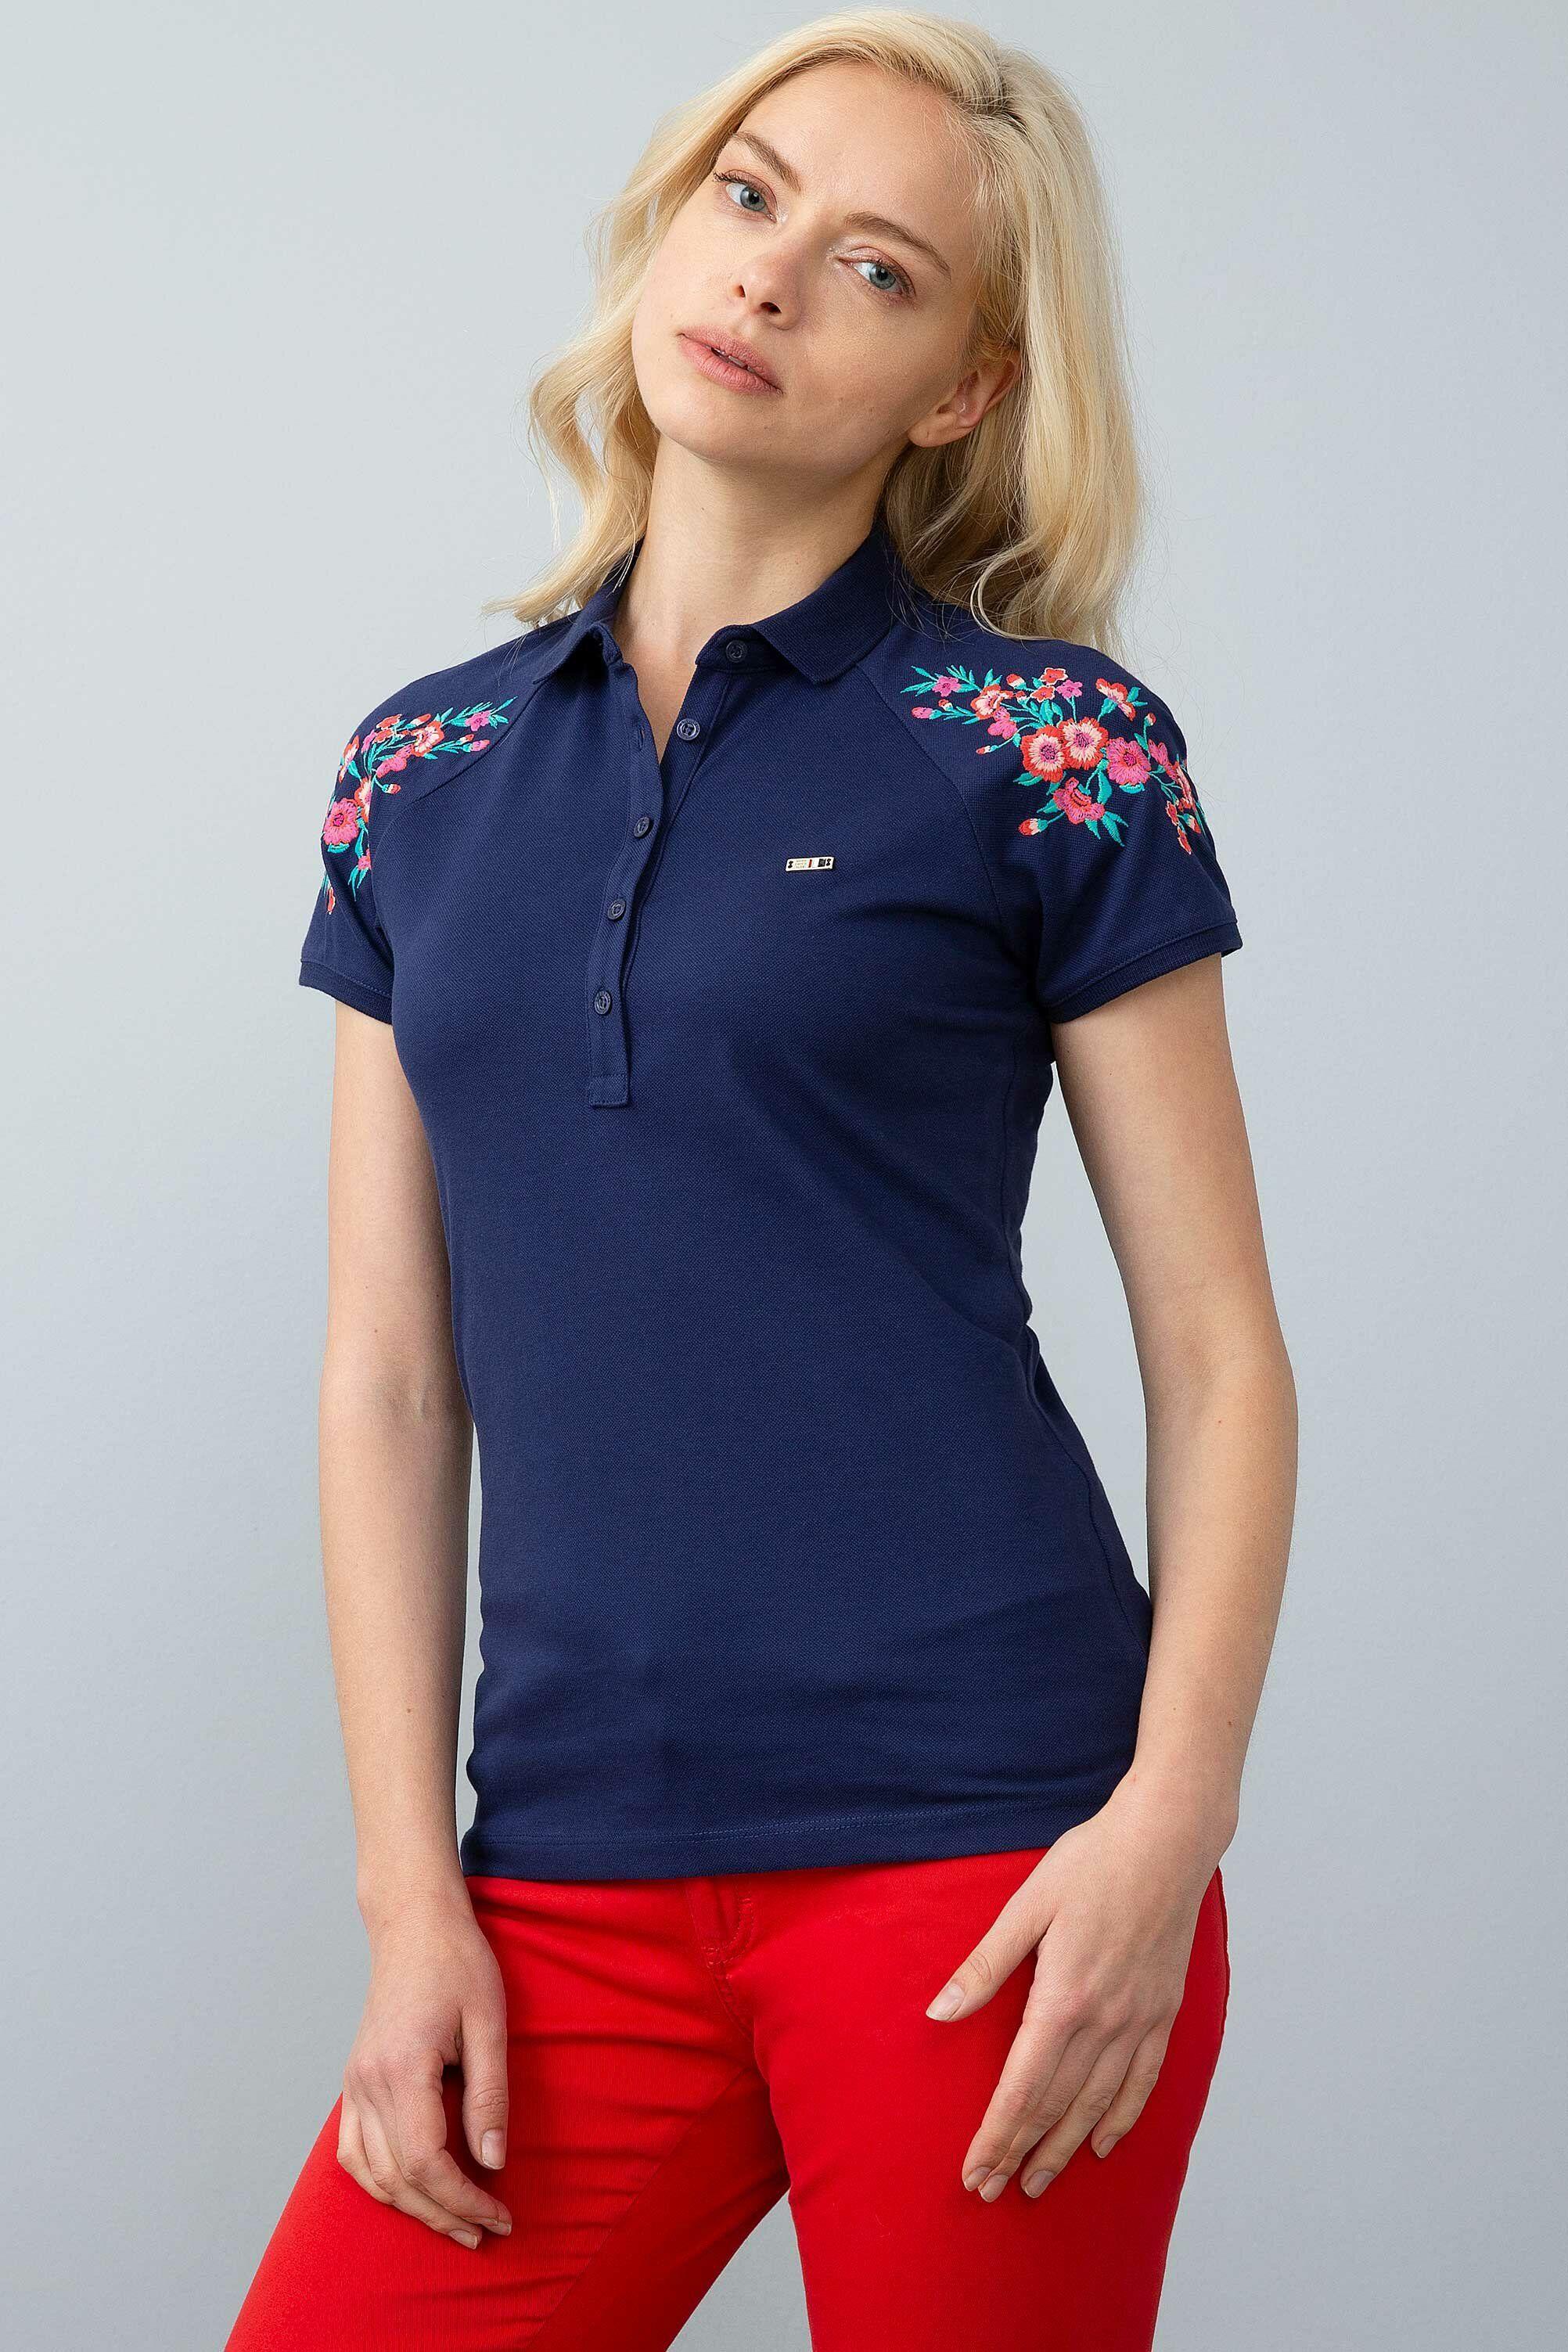 Uspa T Shirt For Women T Shirts For Women Fashion Store Fashion